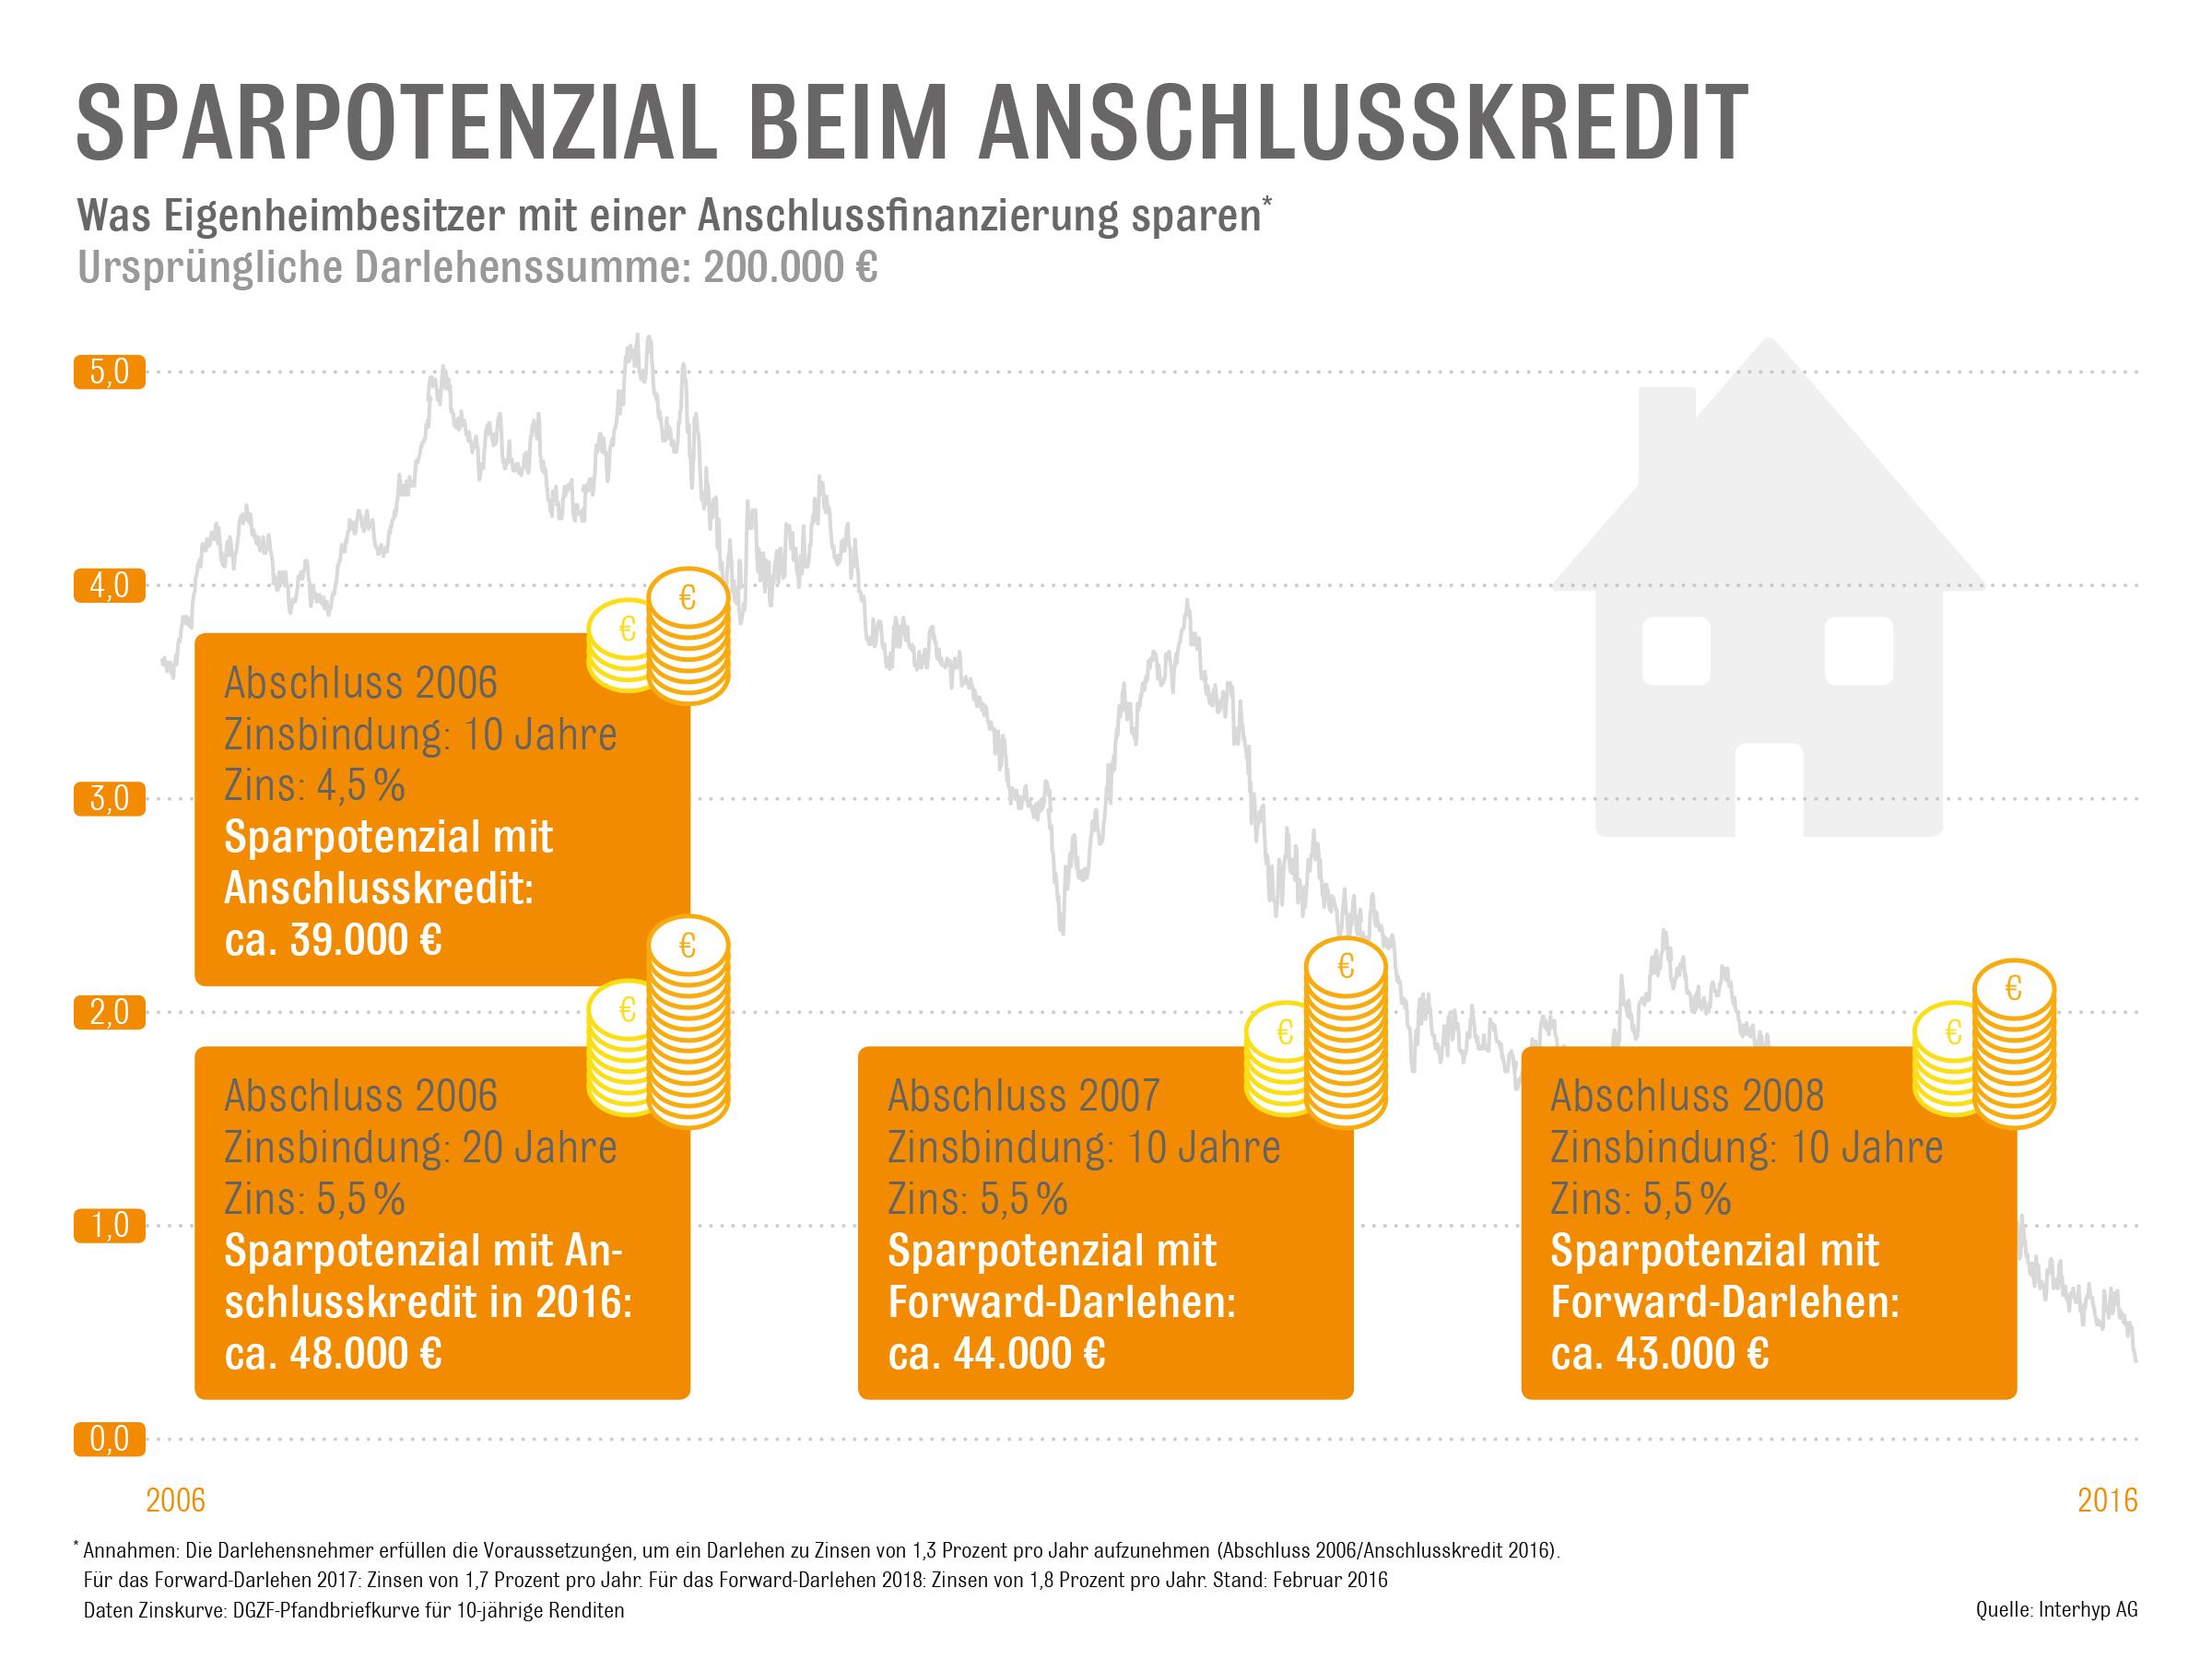 anschlussfinanzierung gro es sparpotenzial f r immobilienbesitzer wer zwischen 2006 und 2008. Black Bedroom Furniture Sets. Home Design Ideas